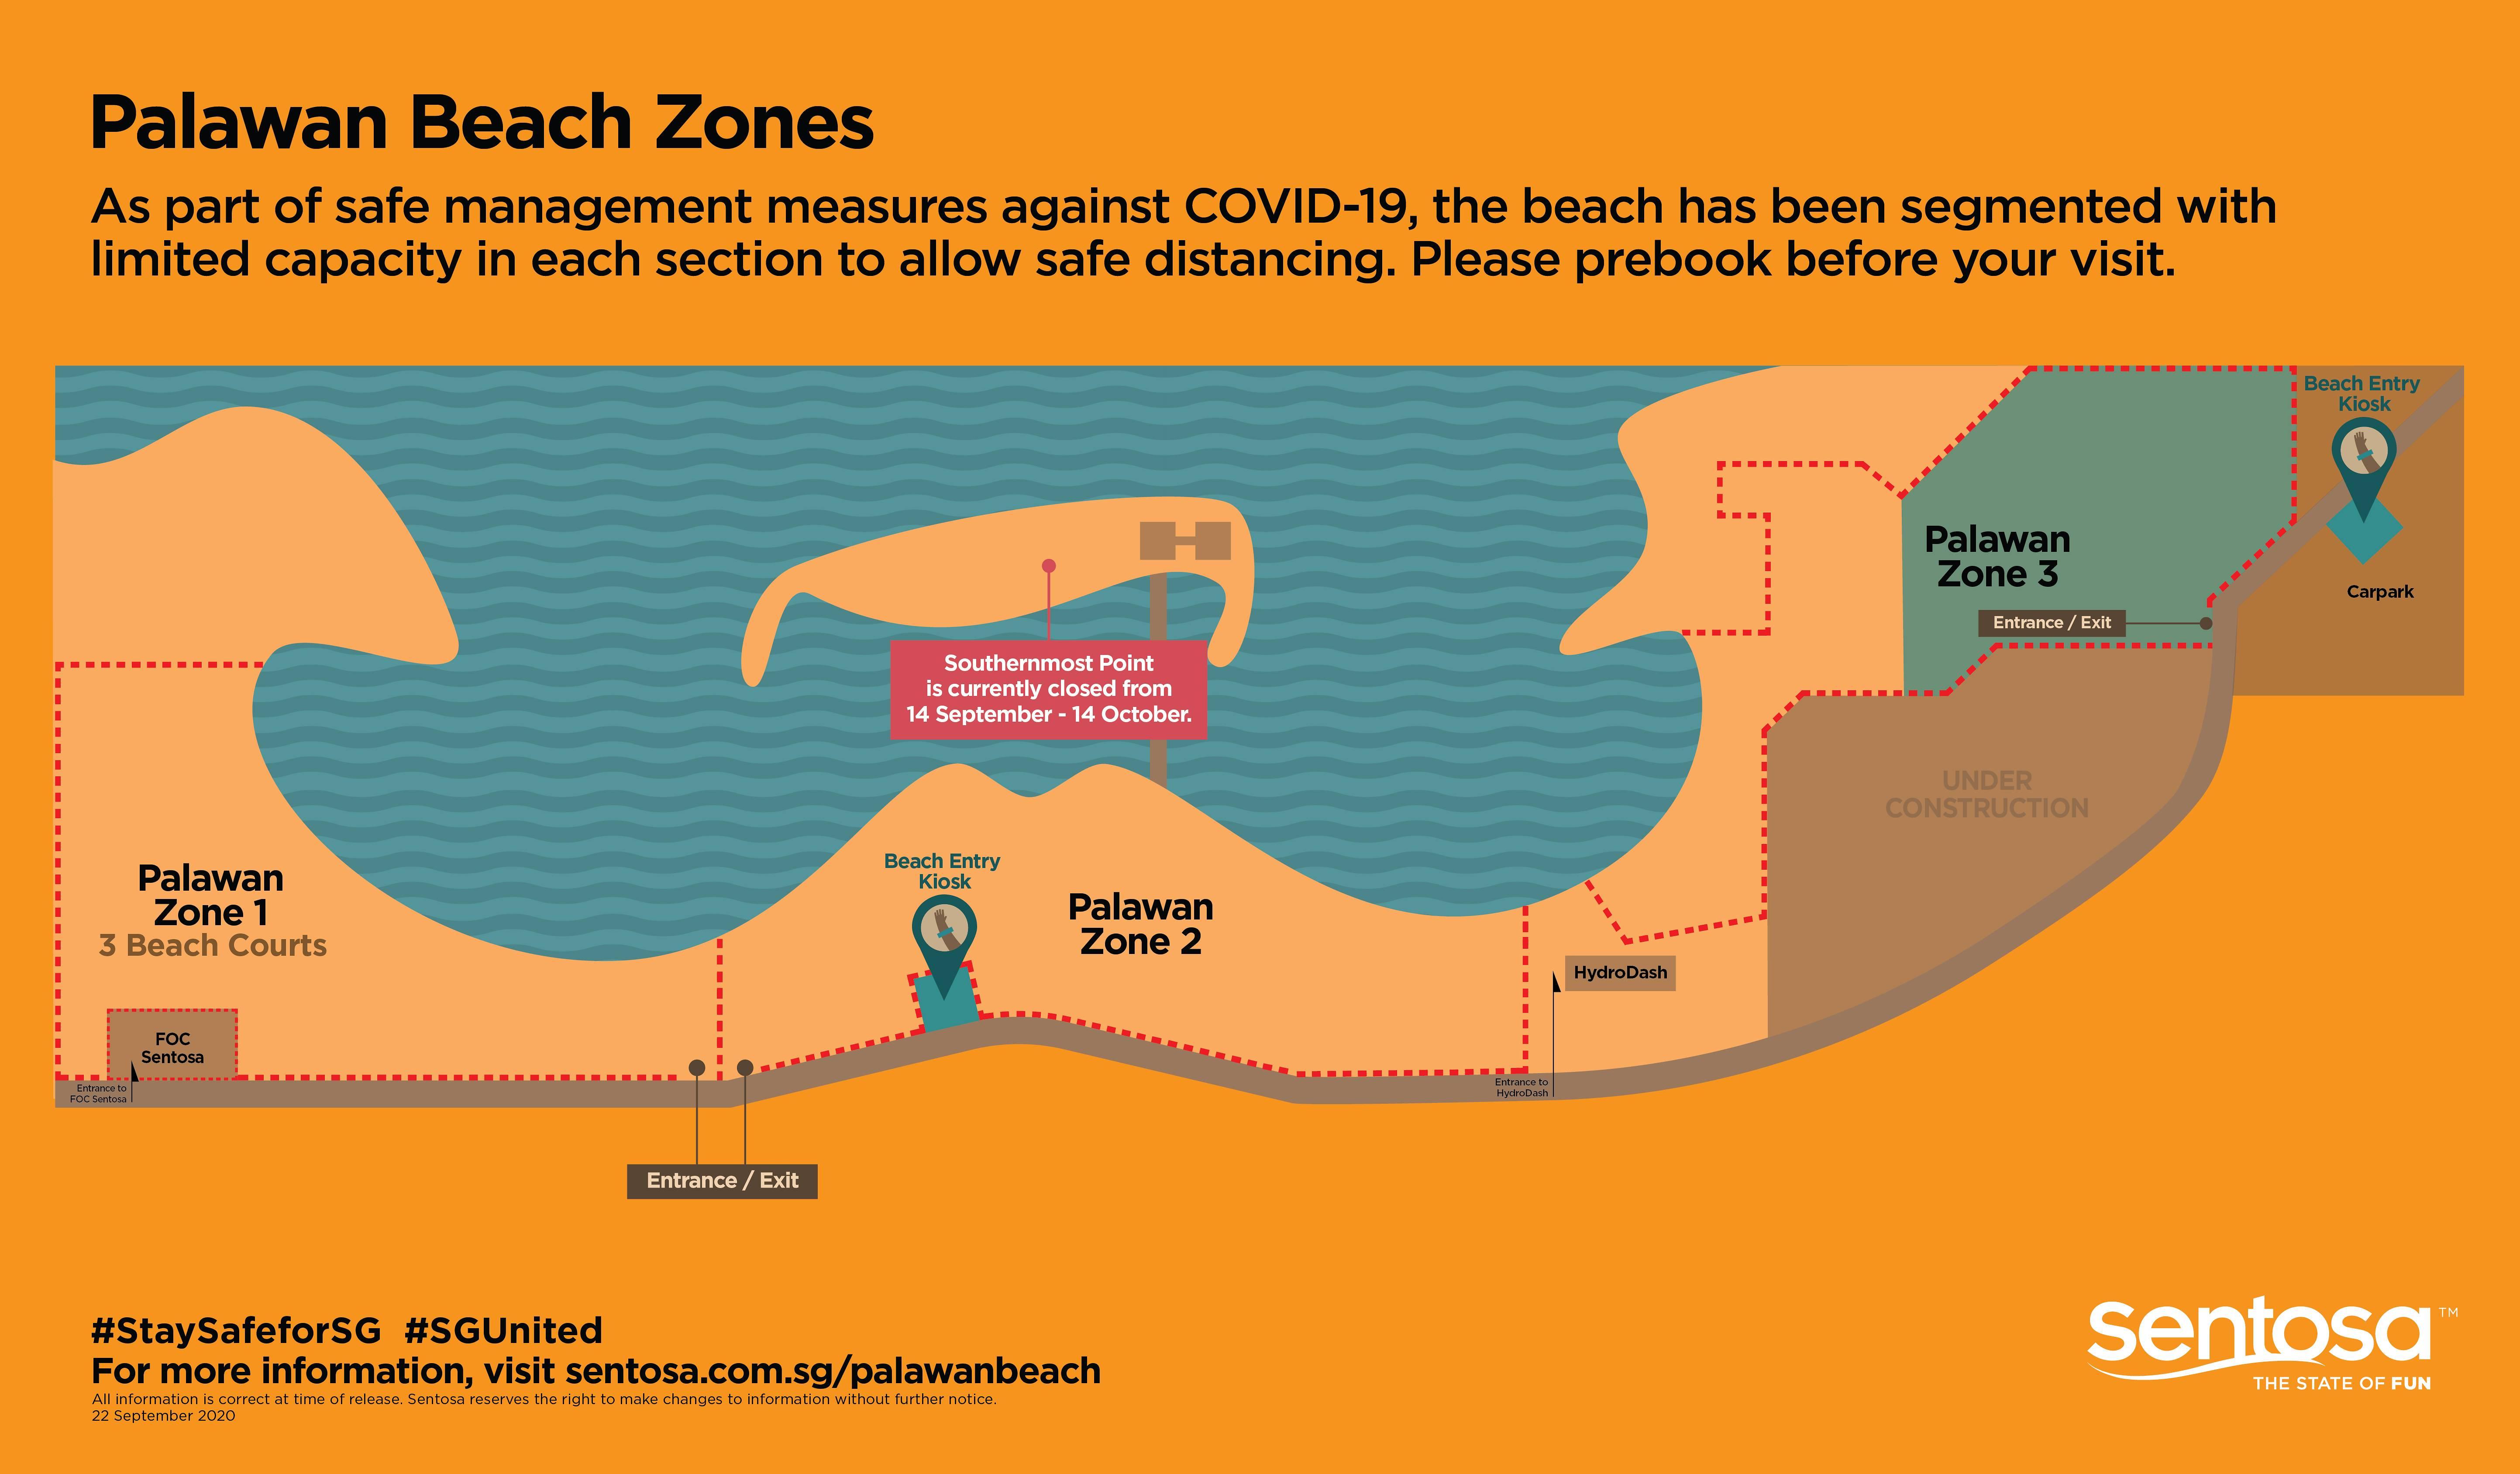 sentosa-palawan-beach-zones